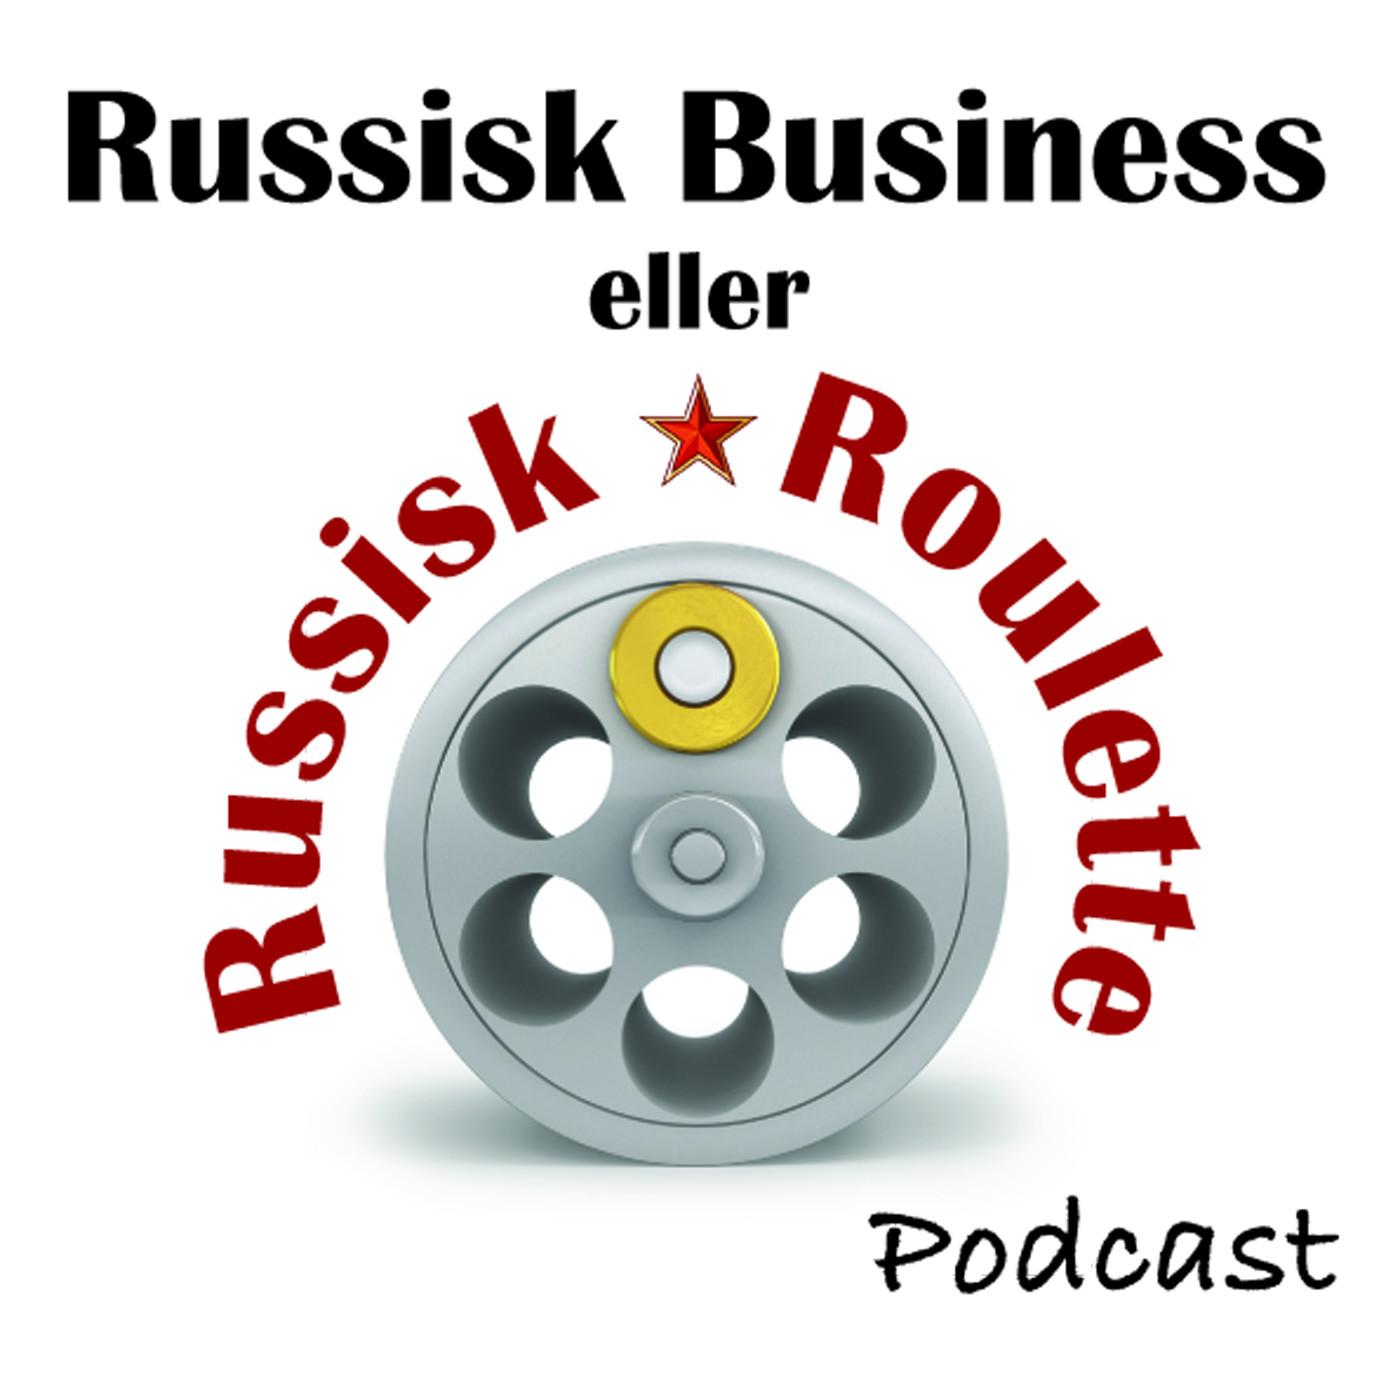 Ruslandseksperten